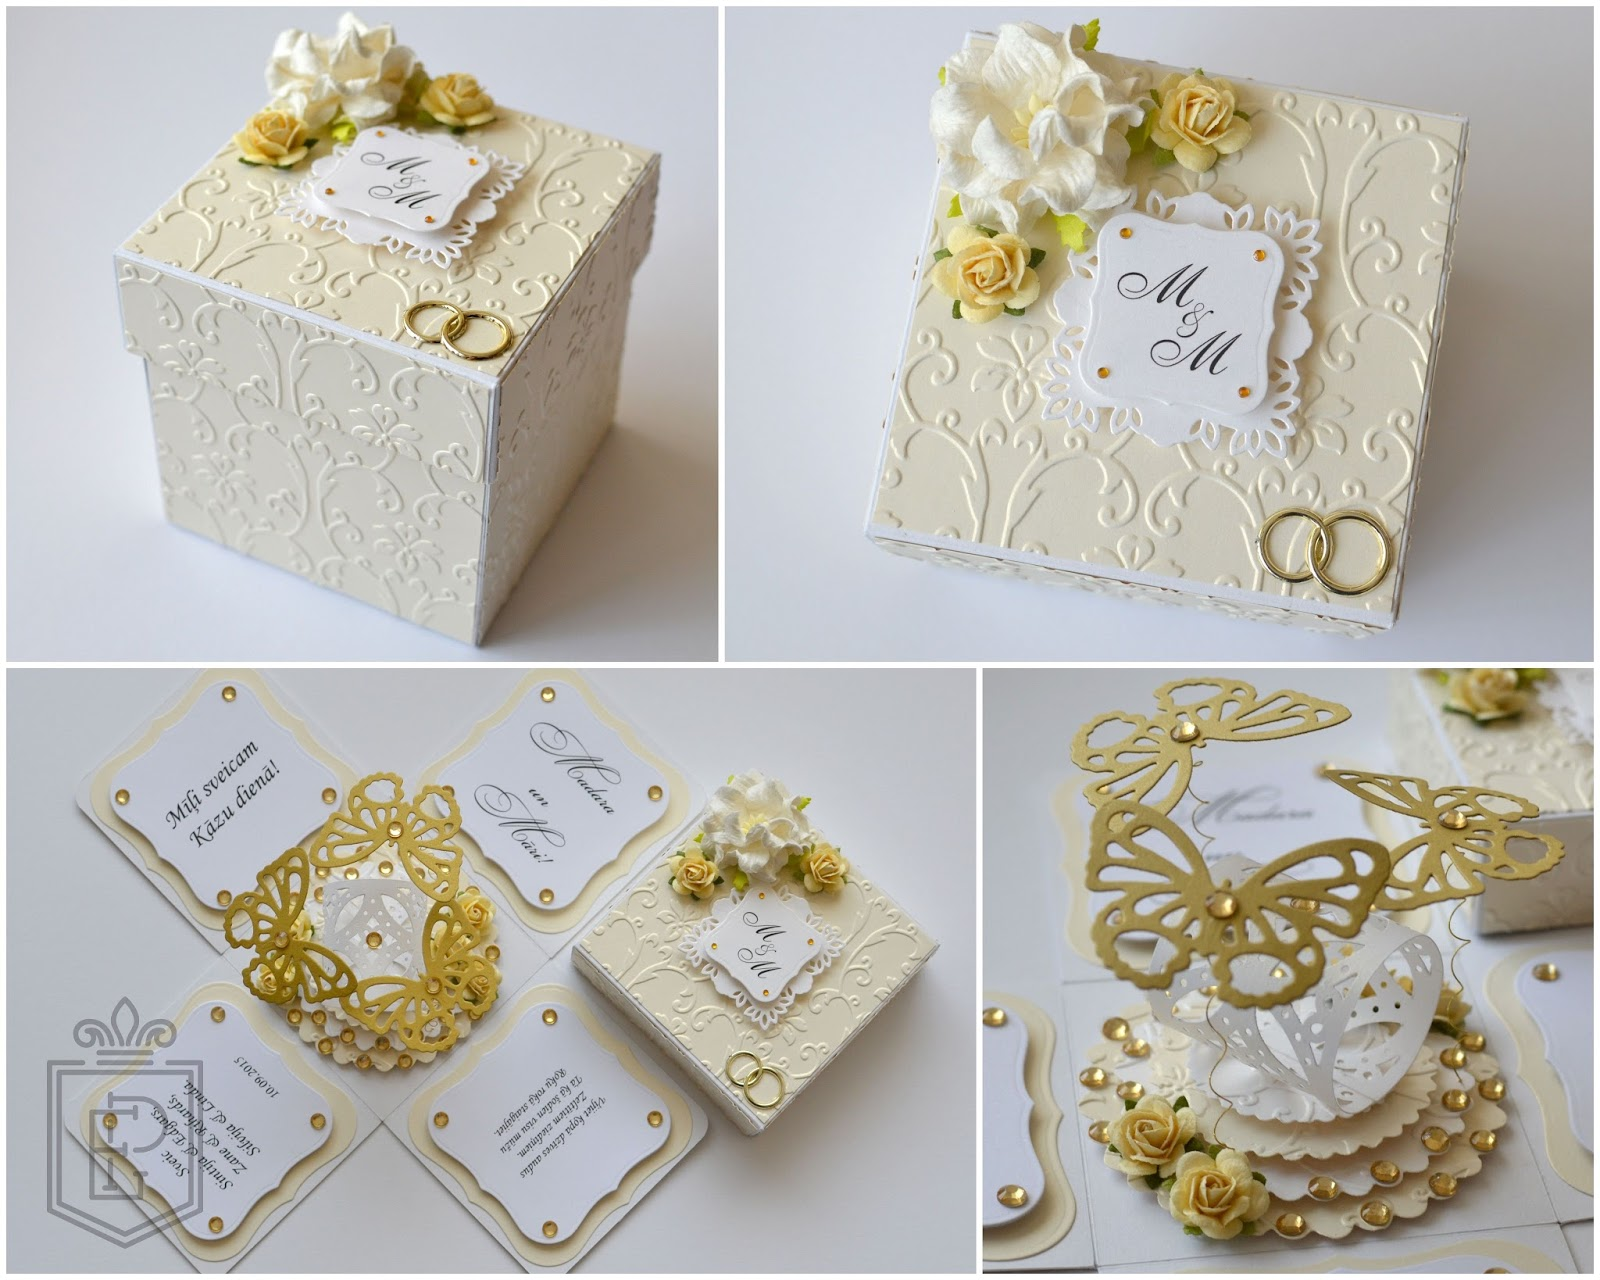 Мастер класс по коробкам на свадьбу